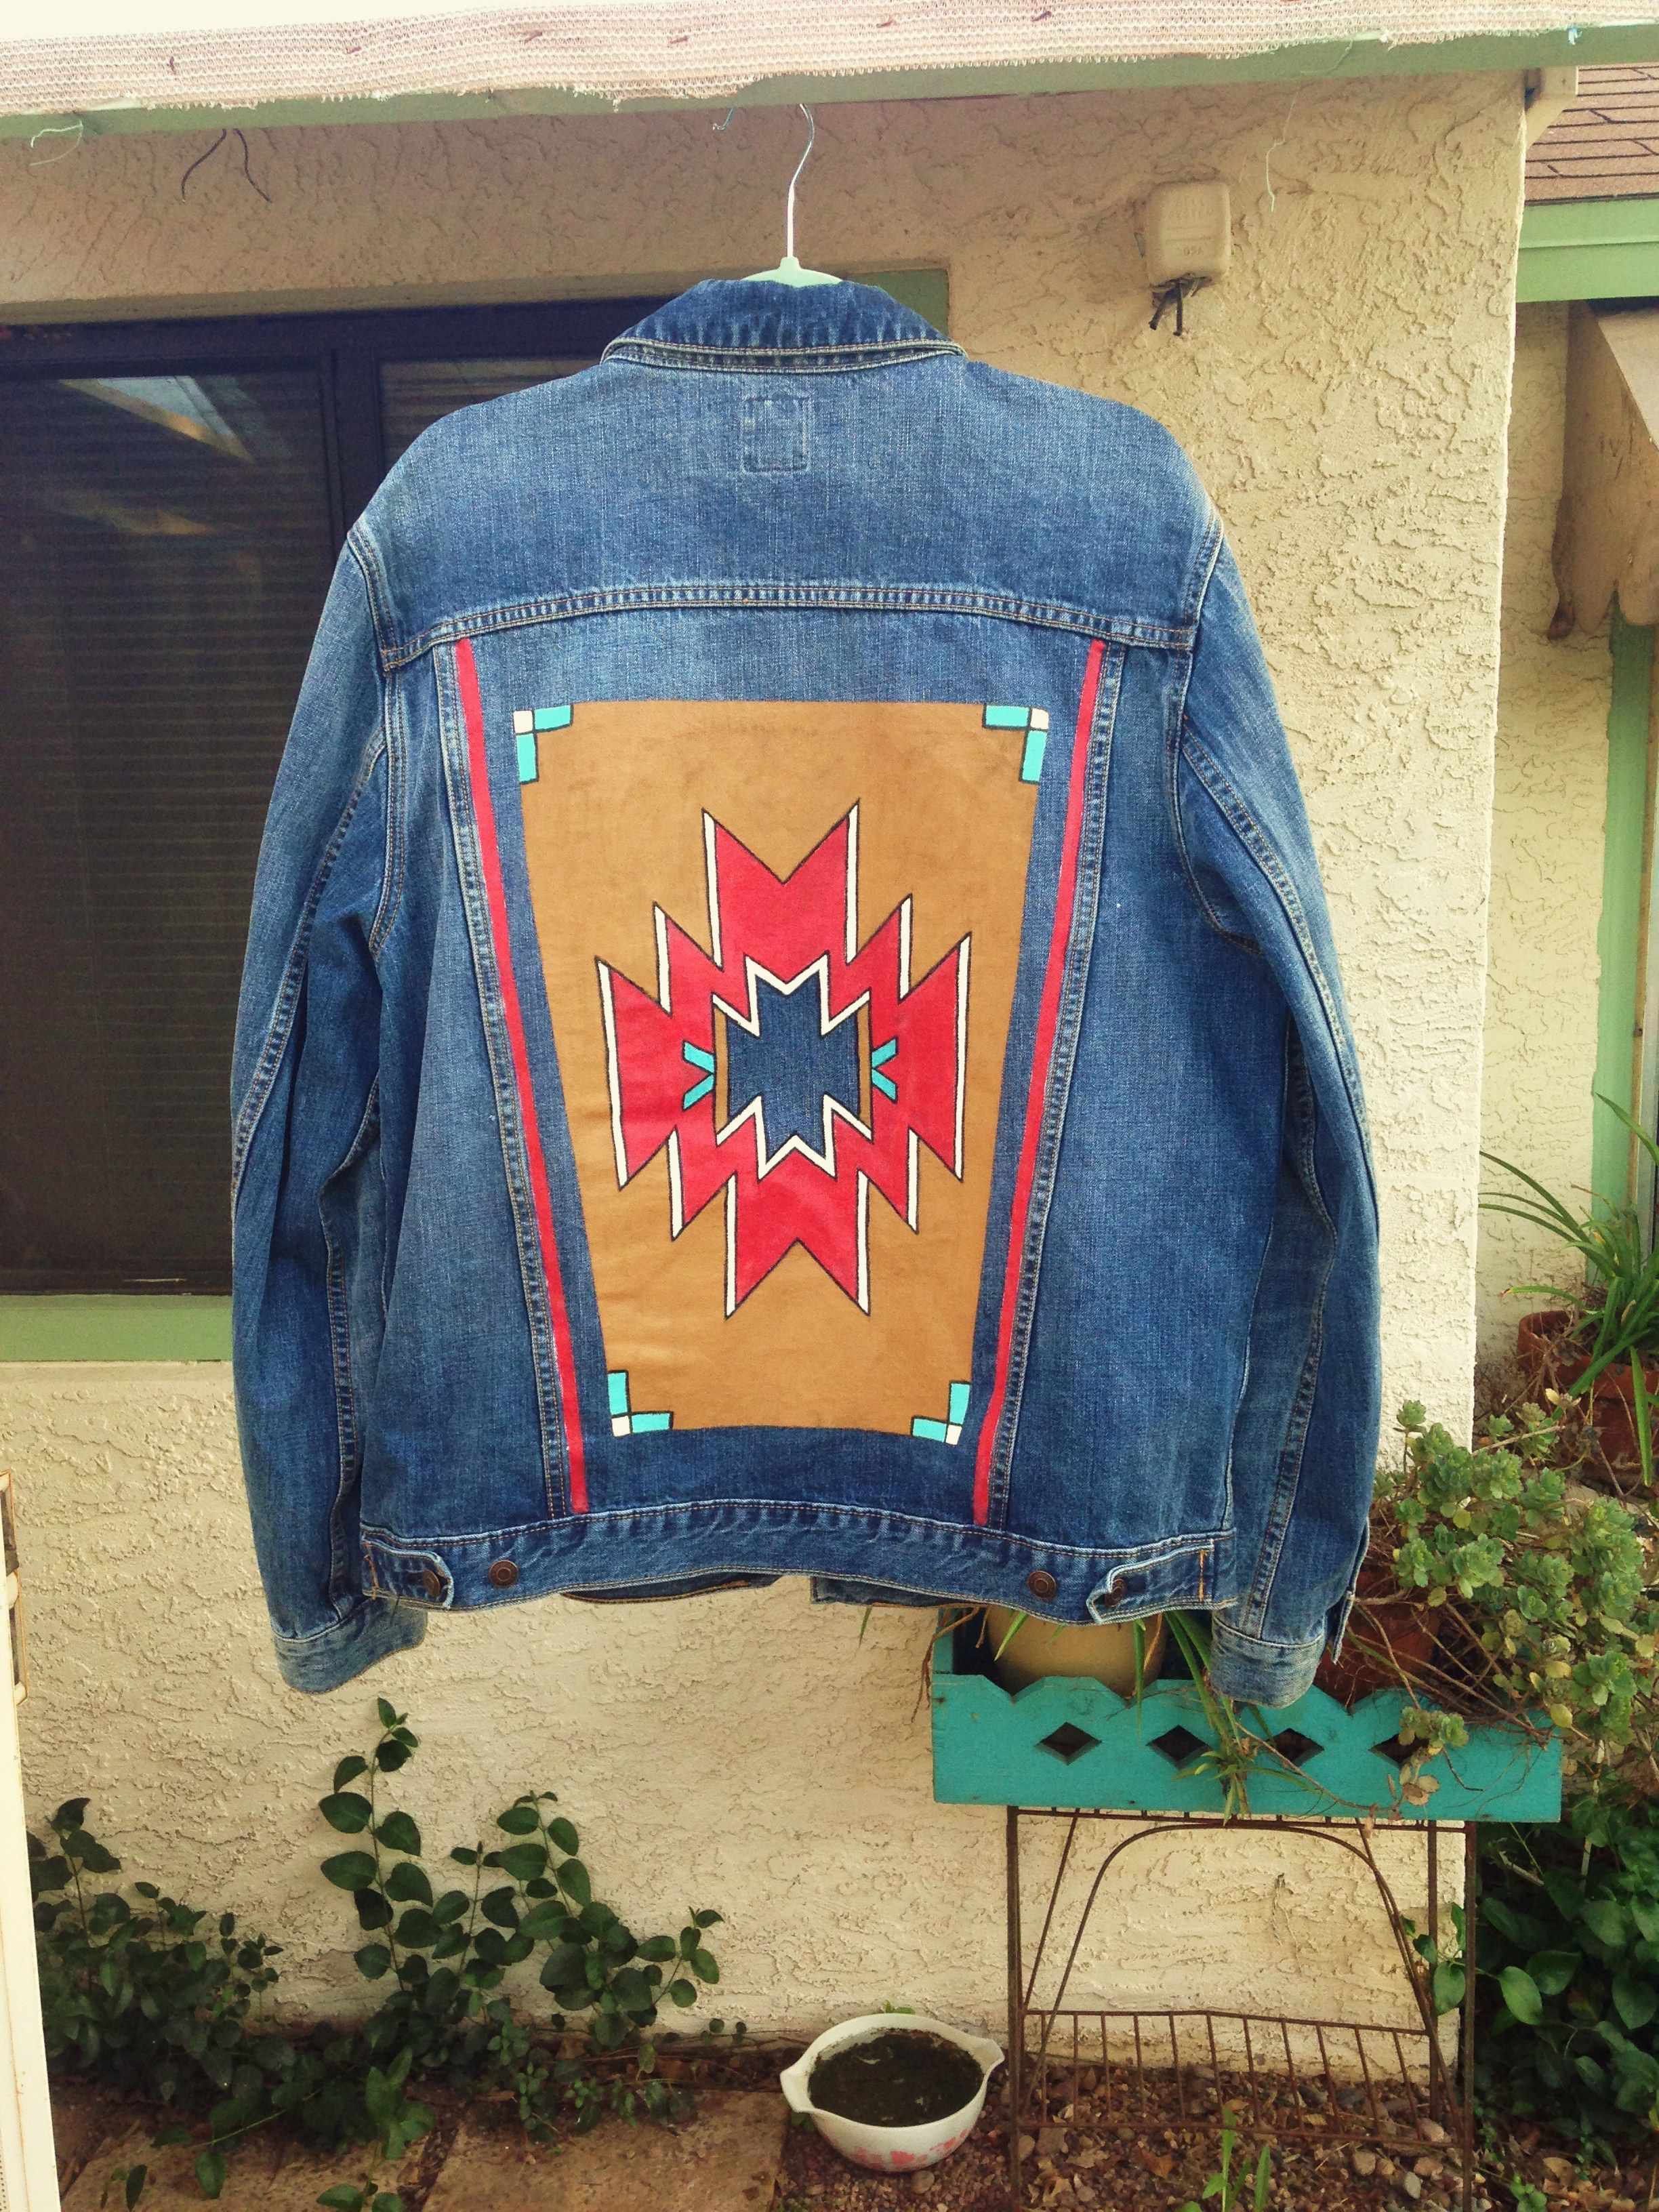 Western Motif Custom Painted On Denim Jacket By Bleudoor On Instagram Painted Denim Diy Jacket Refashion Jean Jacket Diy [ 3264 x 2448 Pixel ]